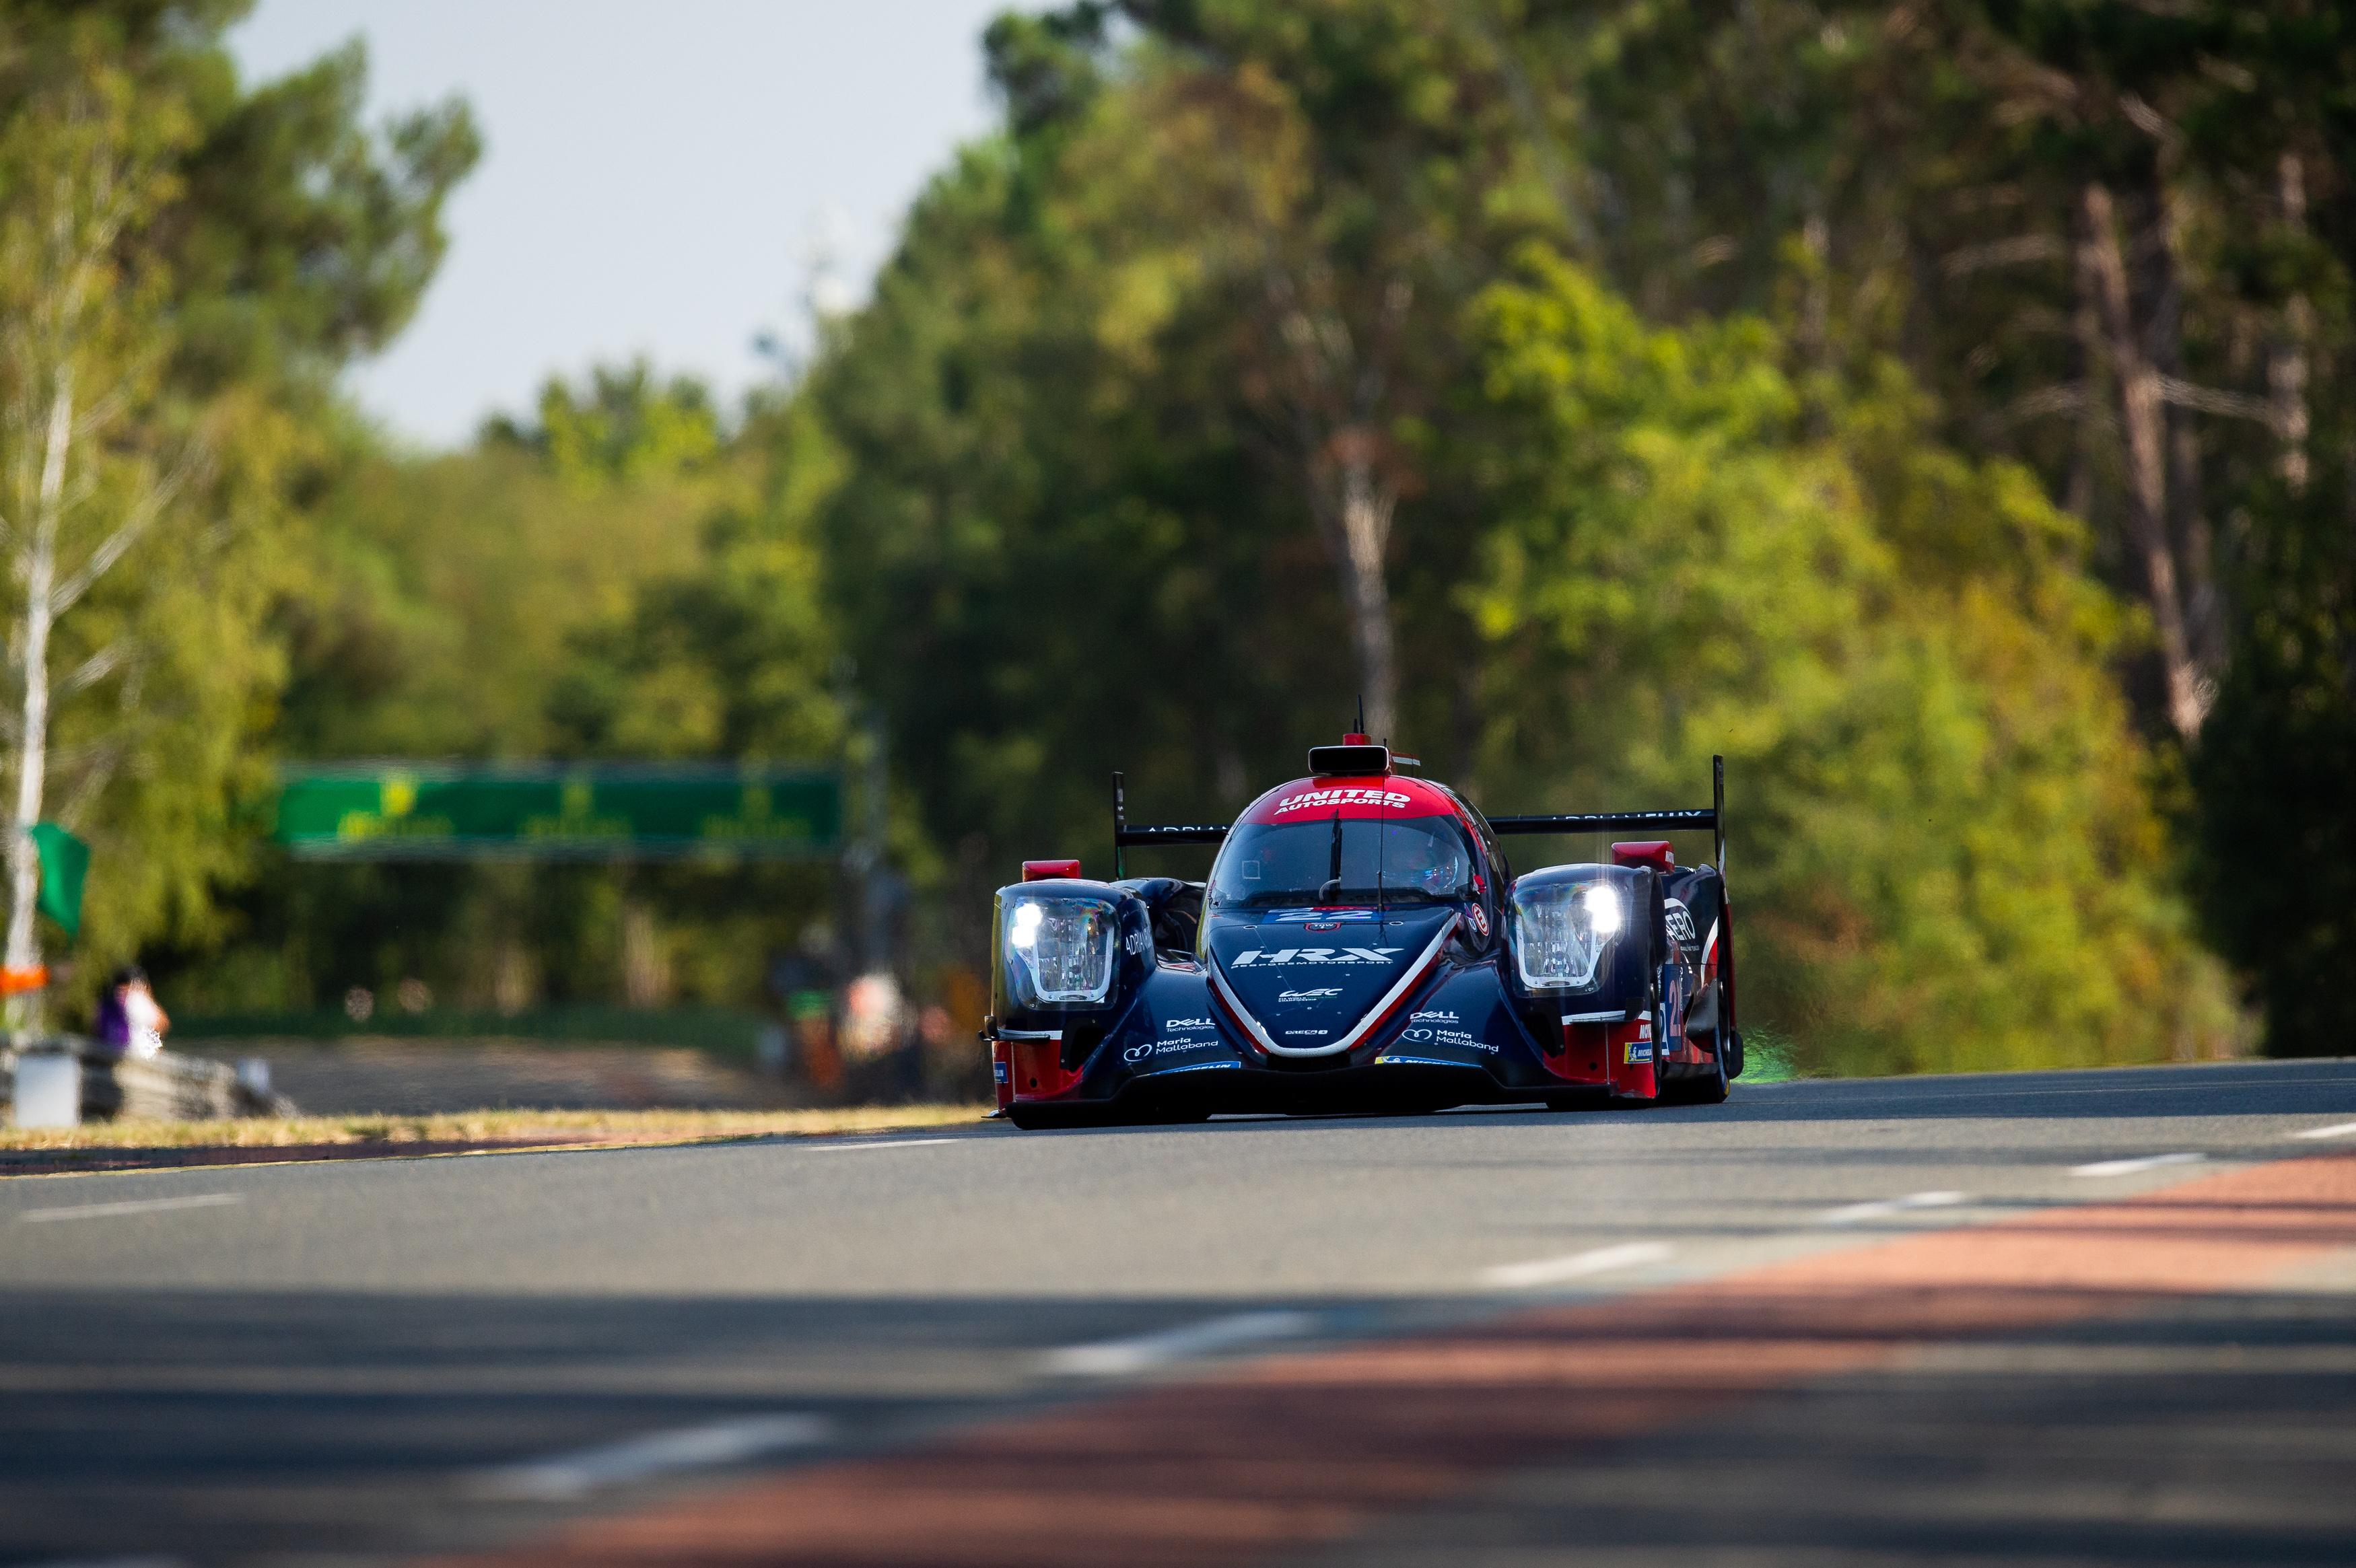 #22 United Autosports / Usa / Ligier Jsp217 Gibson 24h Of Le Mans Circuit De La Sarthe Le Mans France